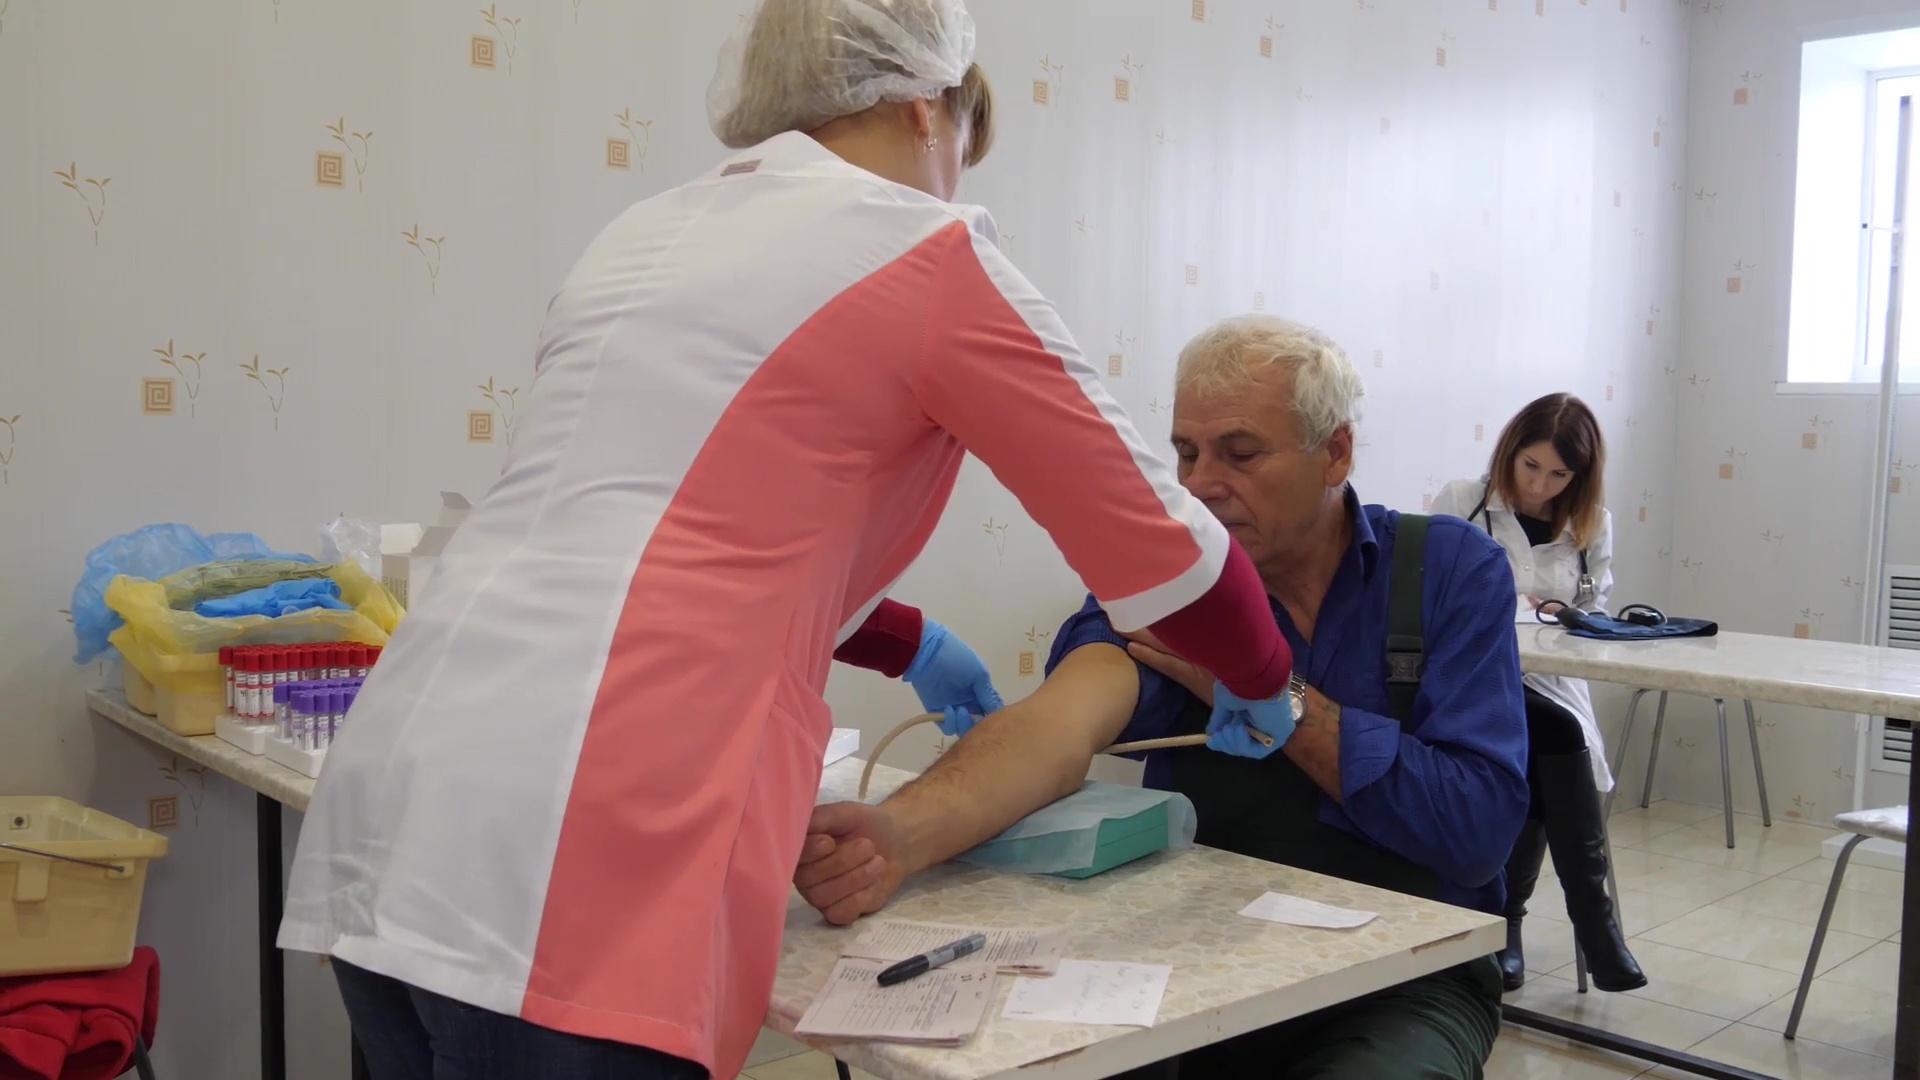 Сотрудники переславского предприятия прошли диспансеризацию прямо на рабочем месте